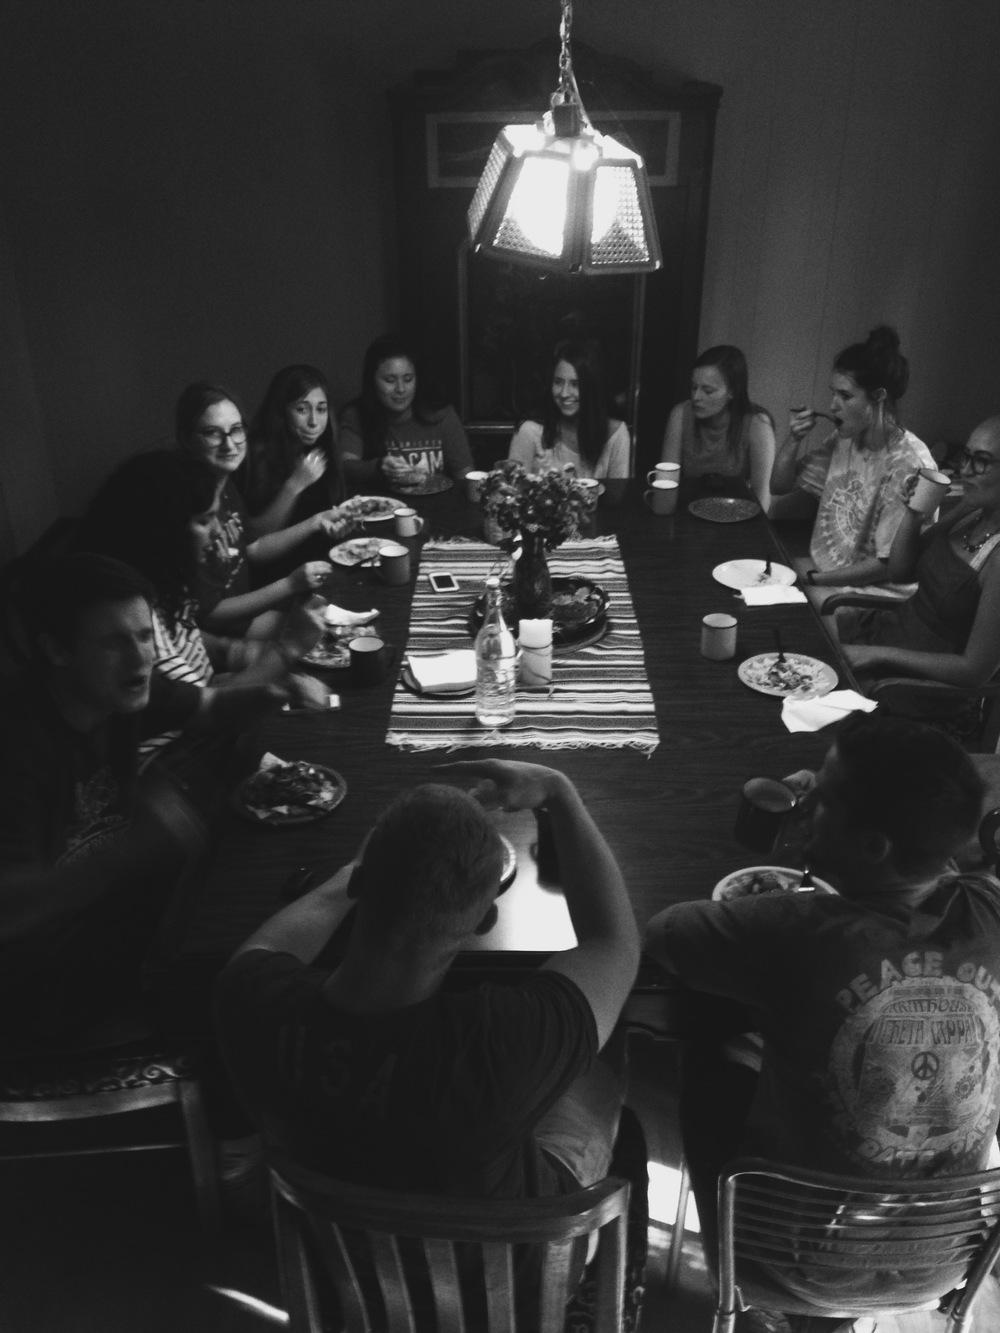 Family dinner before school ends :')